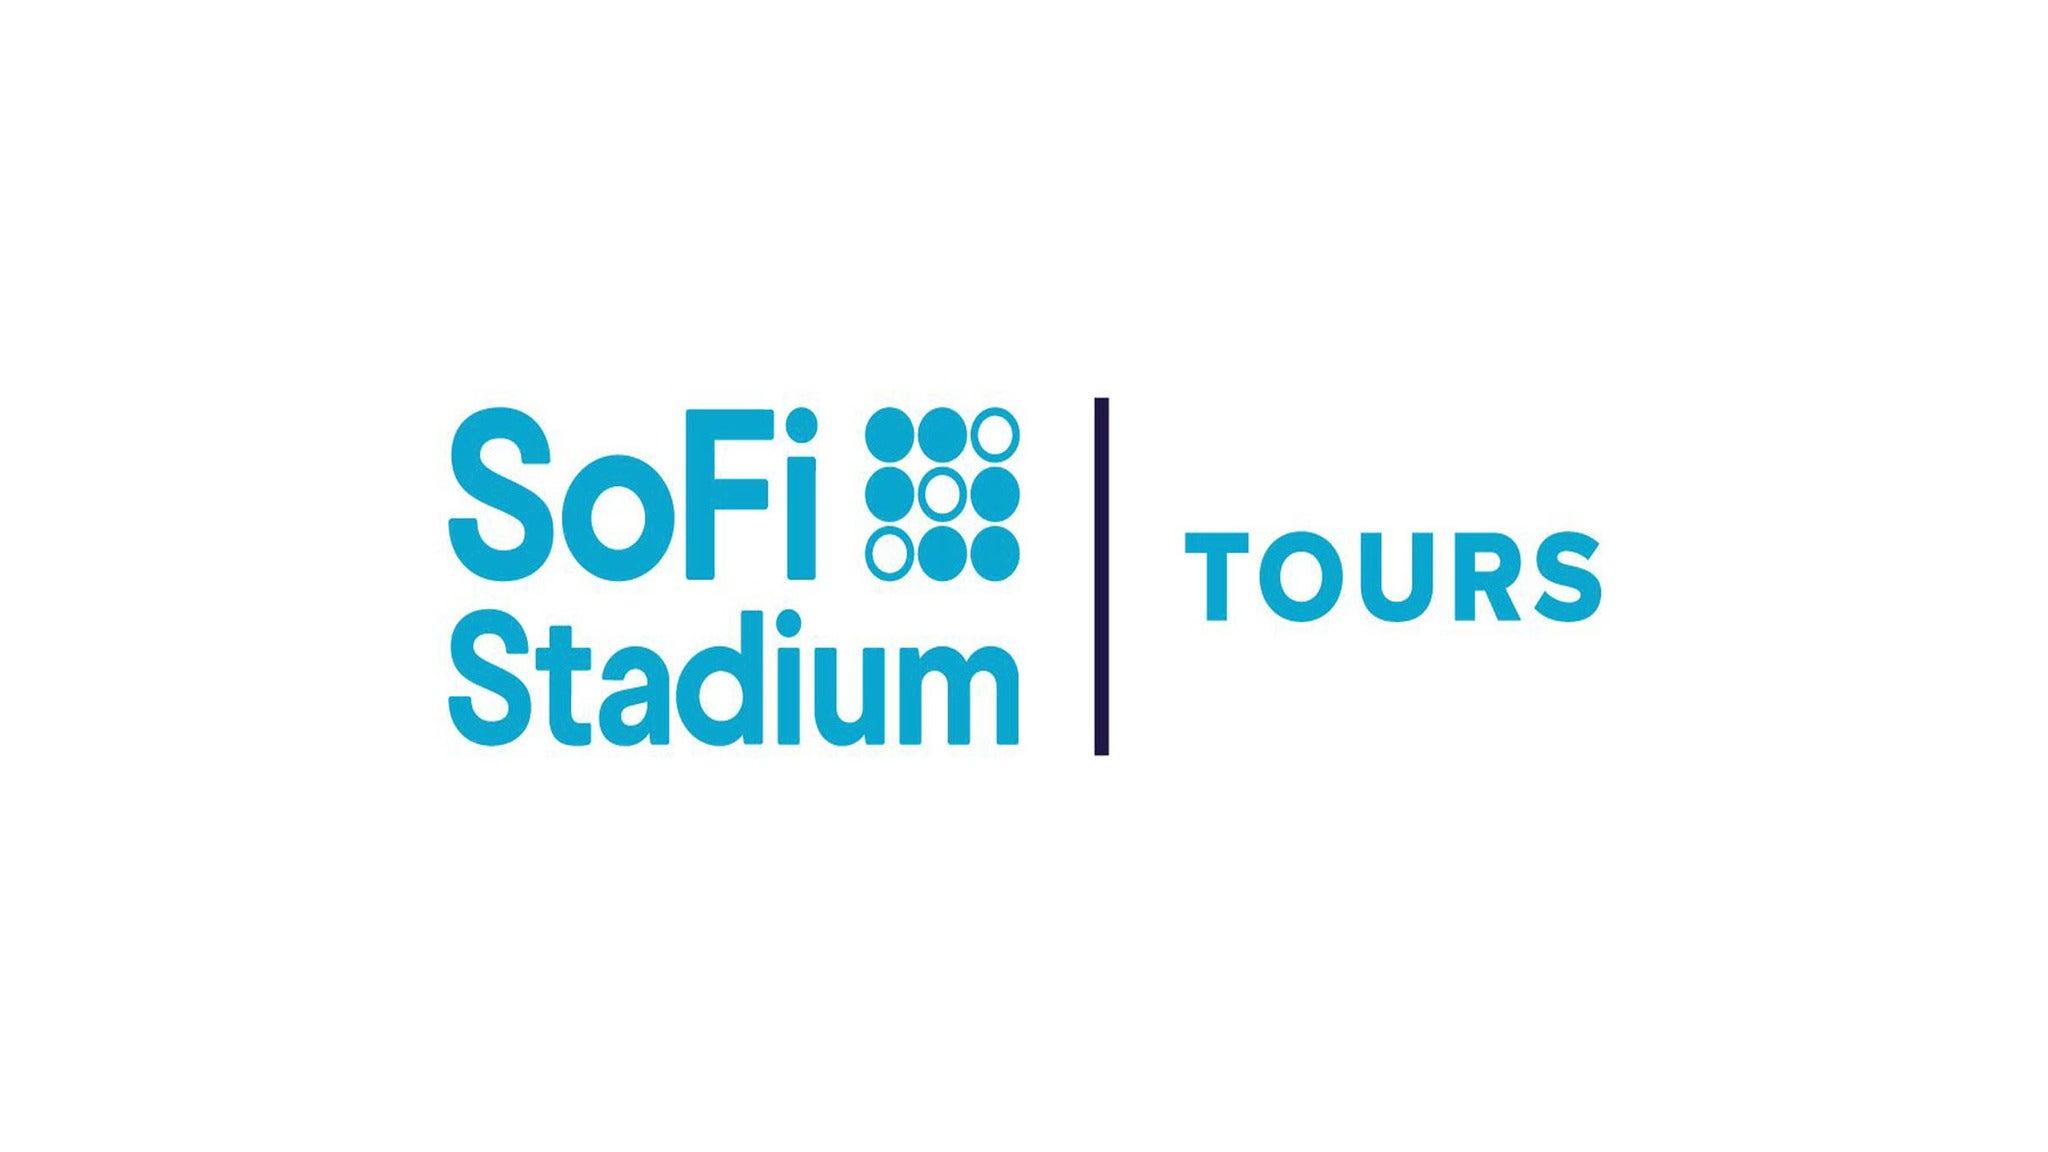 SoFi Stadium Tours